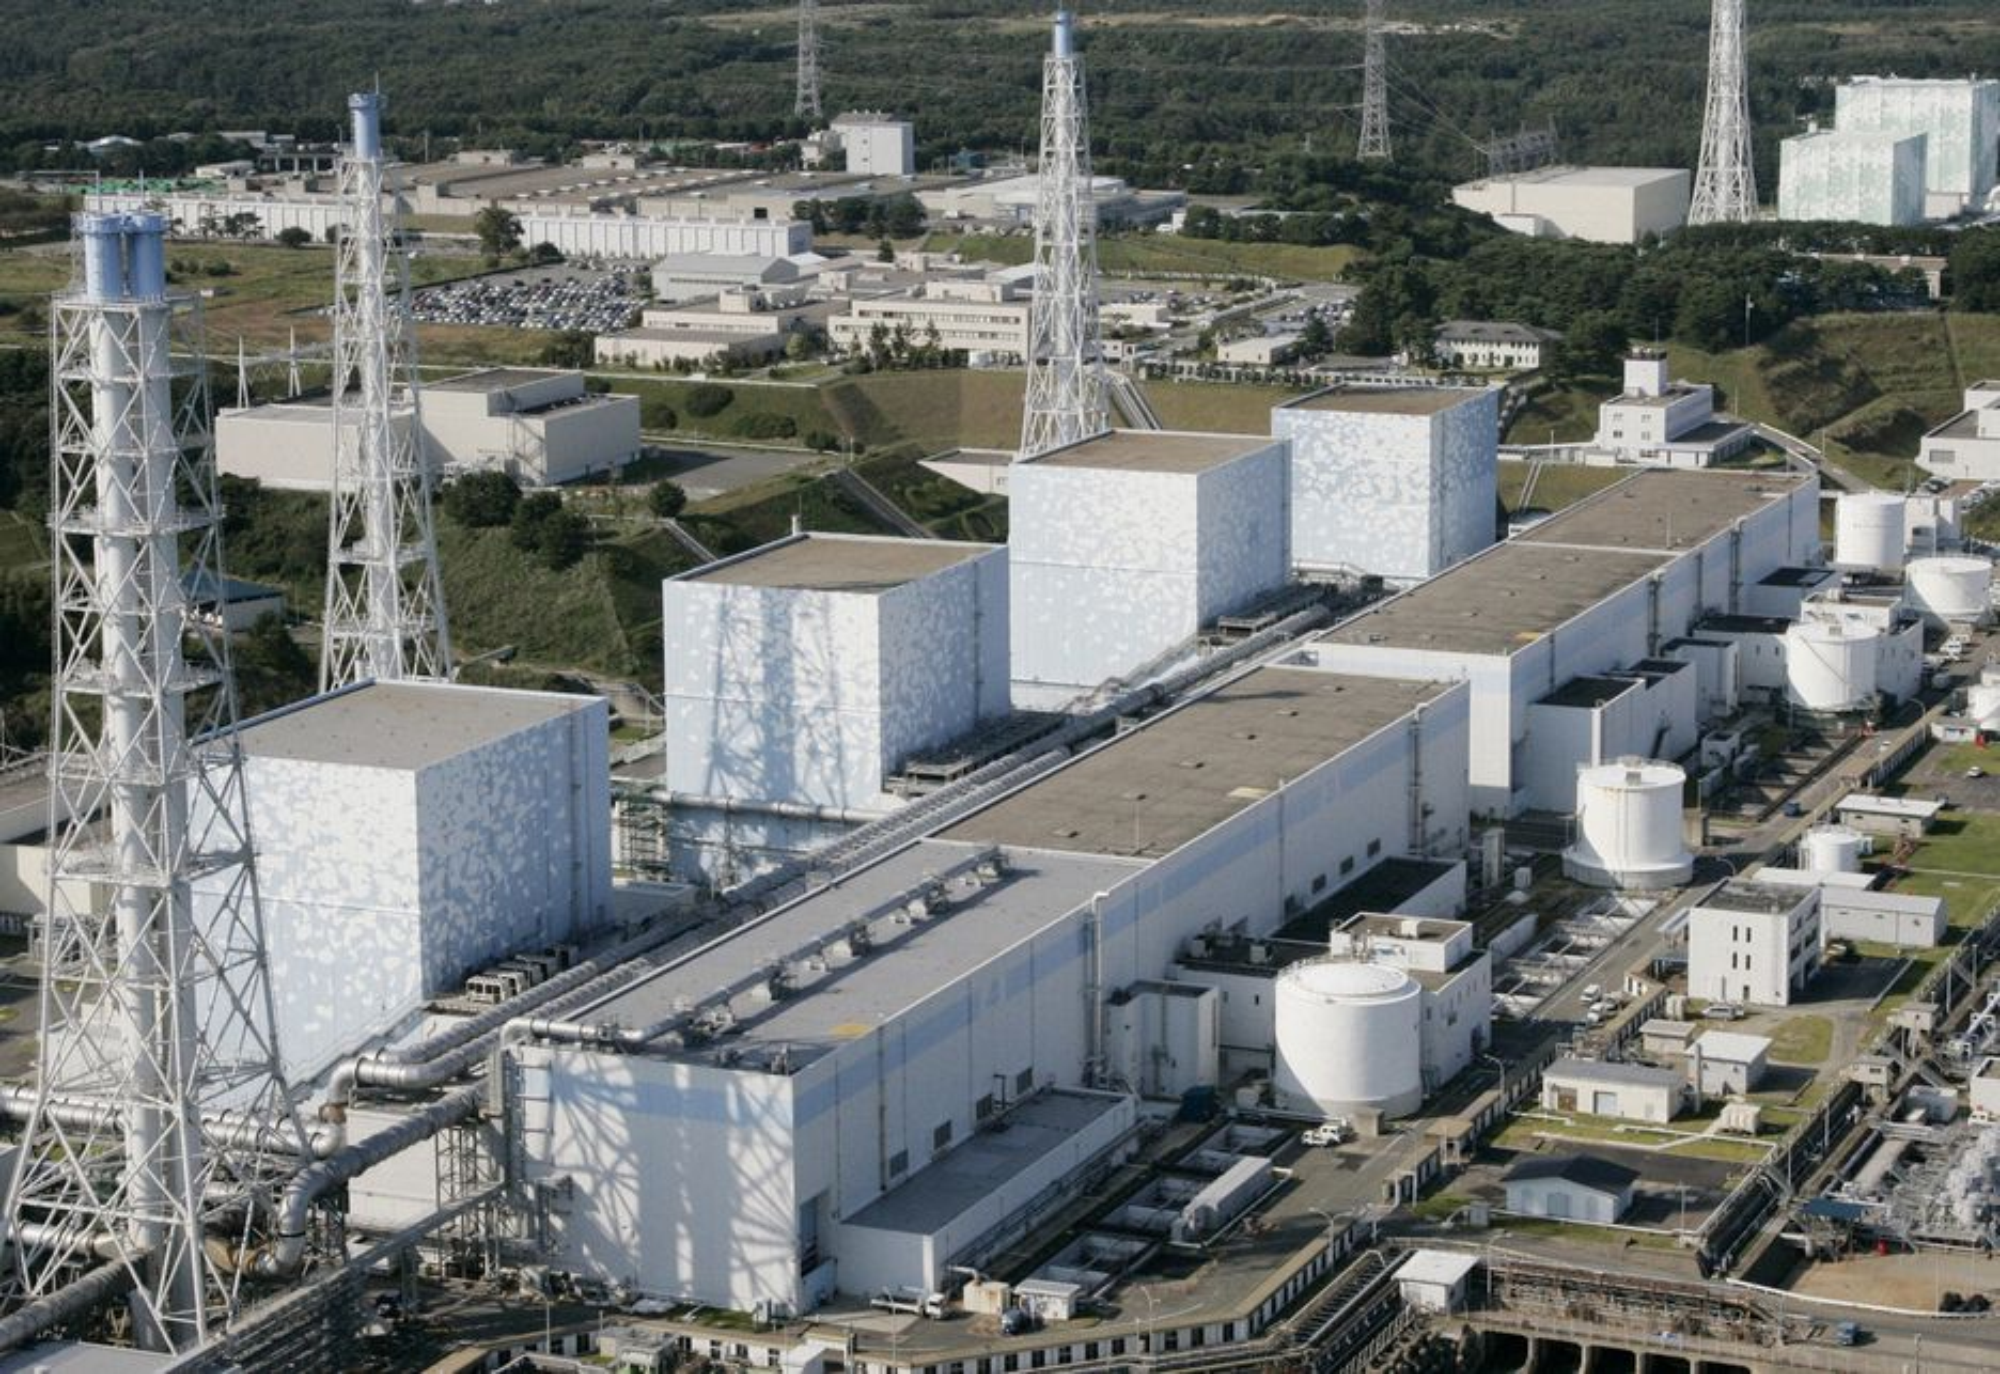 ØDELAGT: Kjernekraftverket Daiichi i Fukushima ble ødelagt under det voldsomme jordskjelvet i Japan fredag og flere andre er ute av drift. Nå må japanerene spare på strømmen.